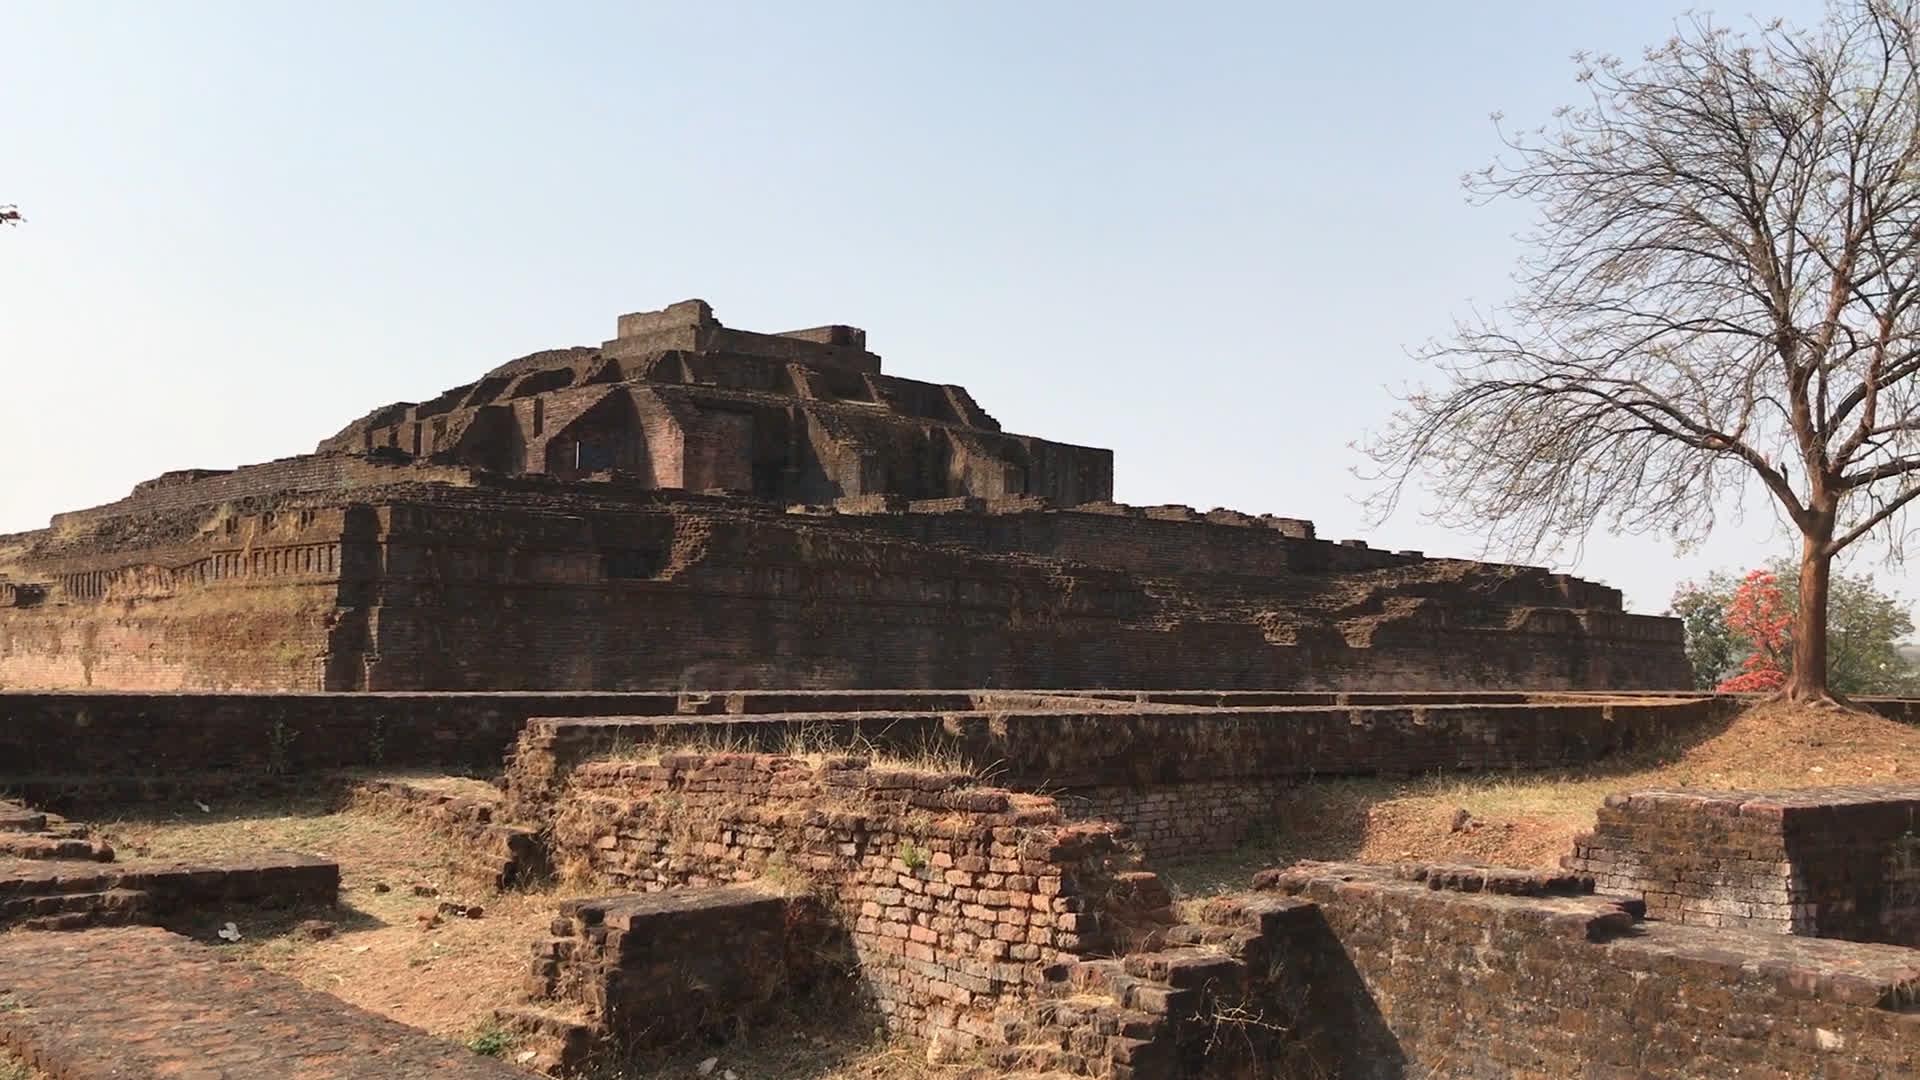 Mansar: An Ancient Vakataka Capital